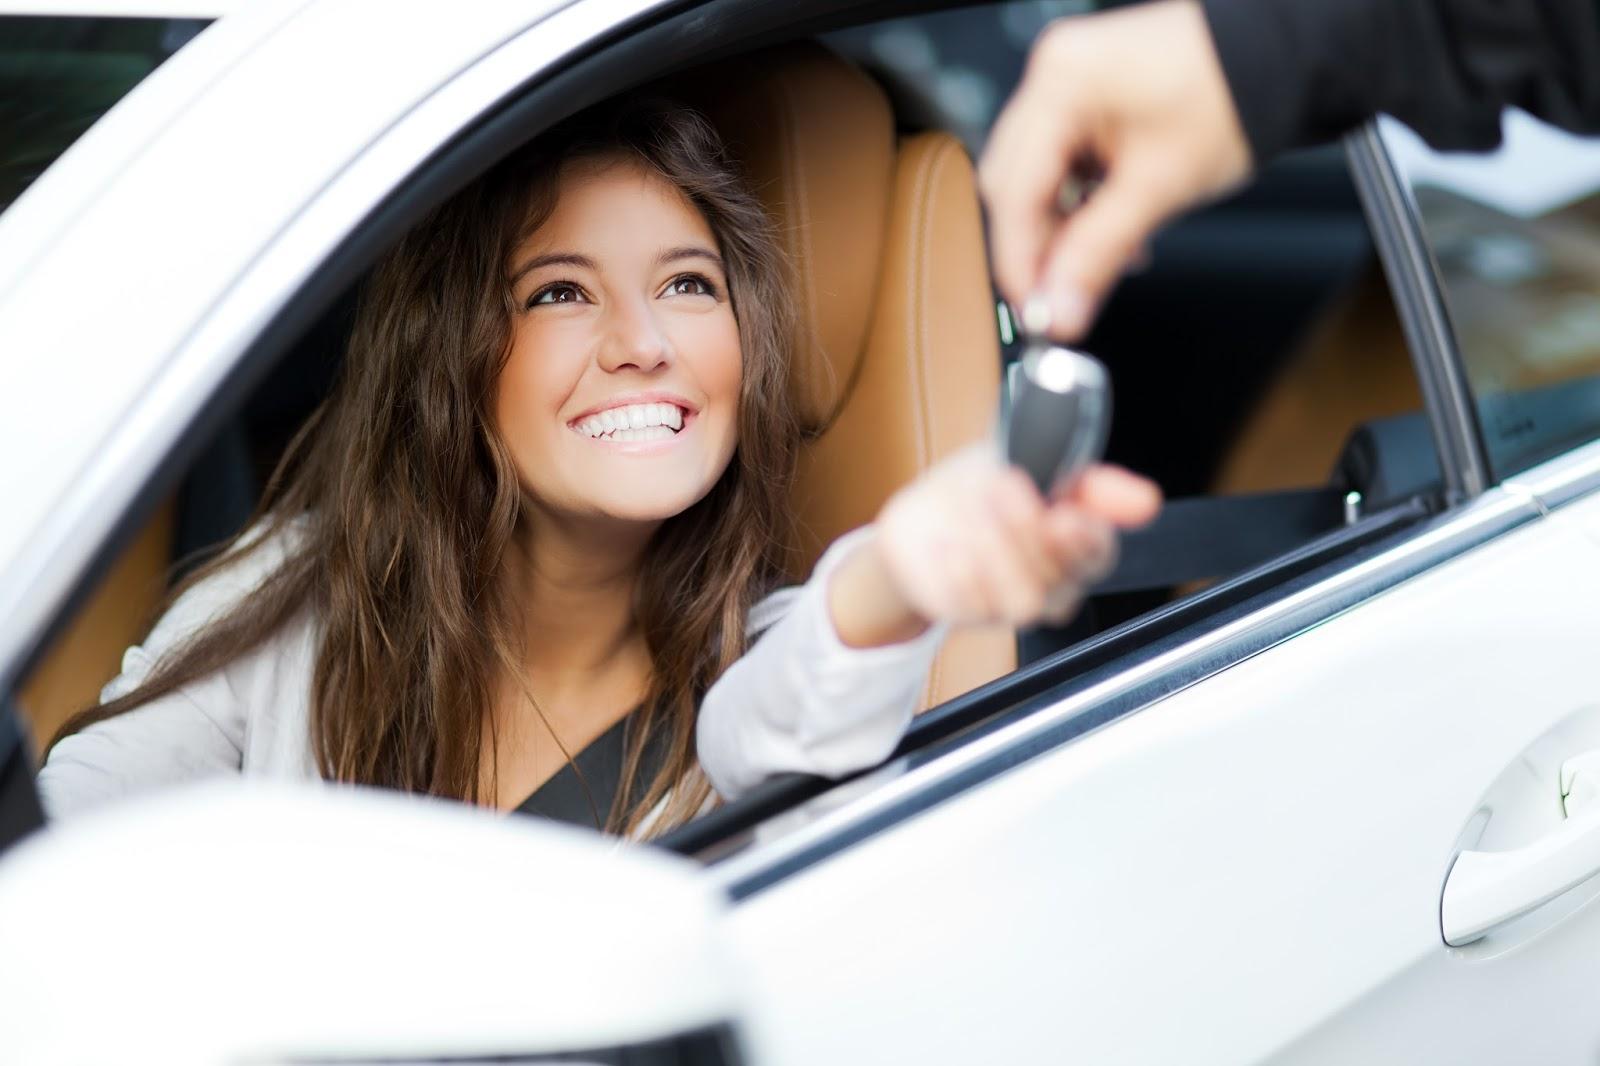 25CE259125CE25B325CE25BF25CF258125CE25AC2B25CE25AE2Bleasing253B Αγορά αυτοκινήτου ή leasing; leasing, αγορά, πωλήσεις